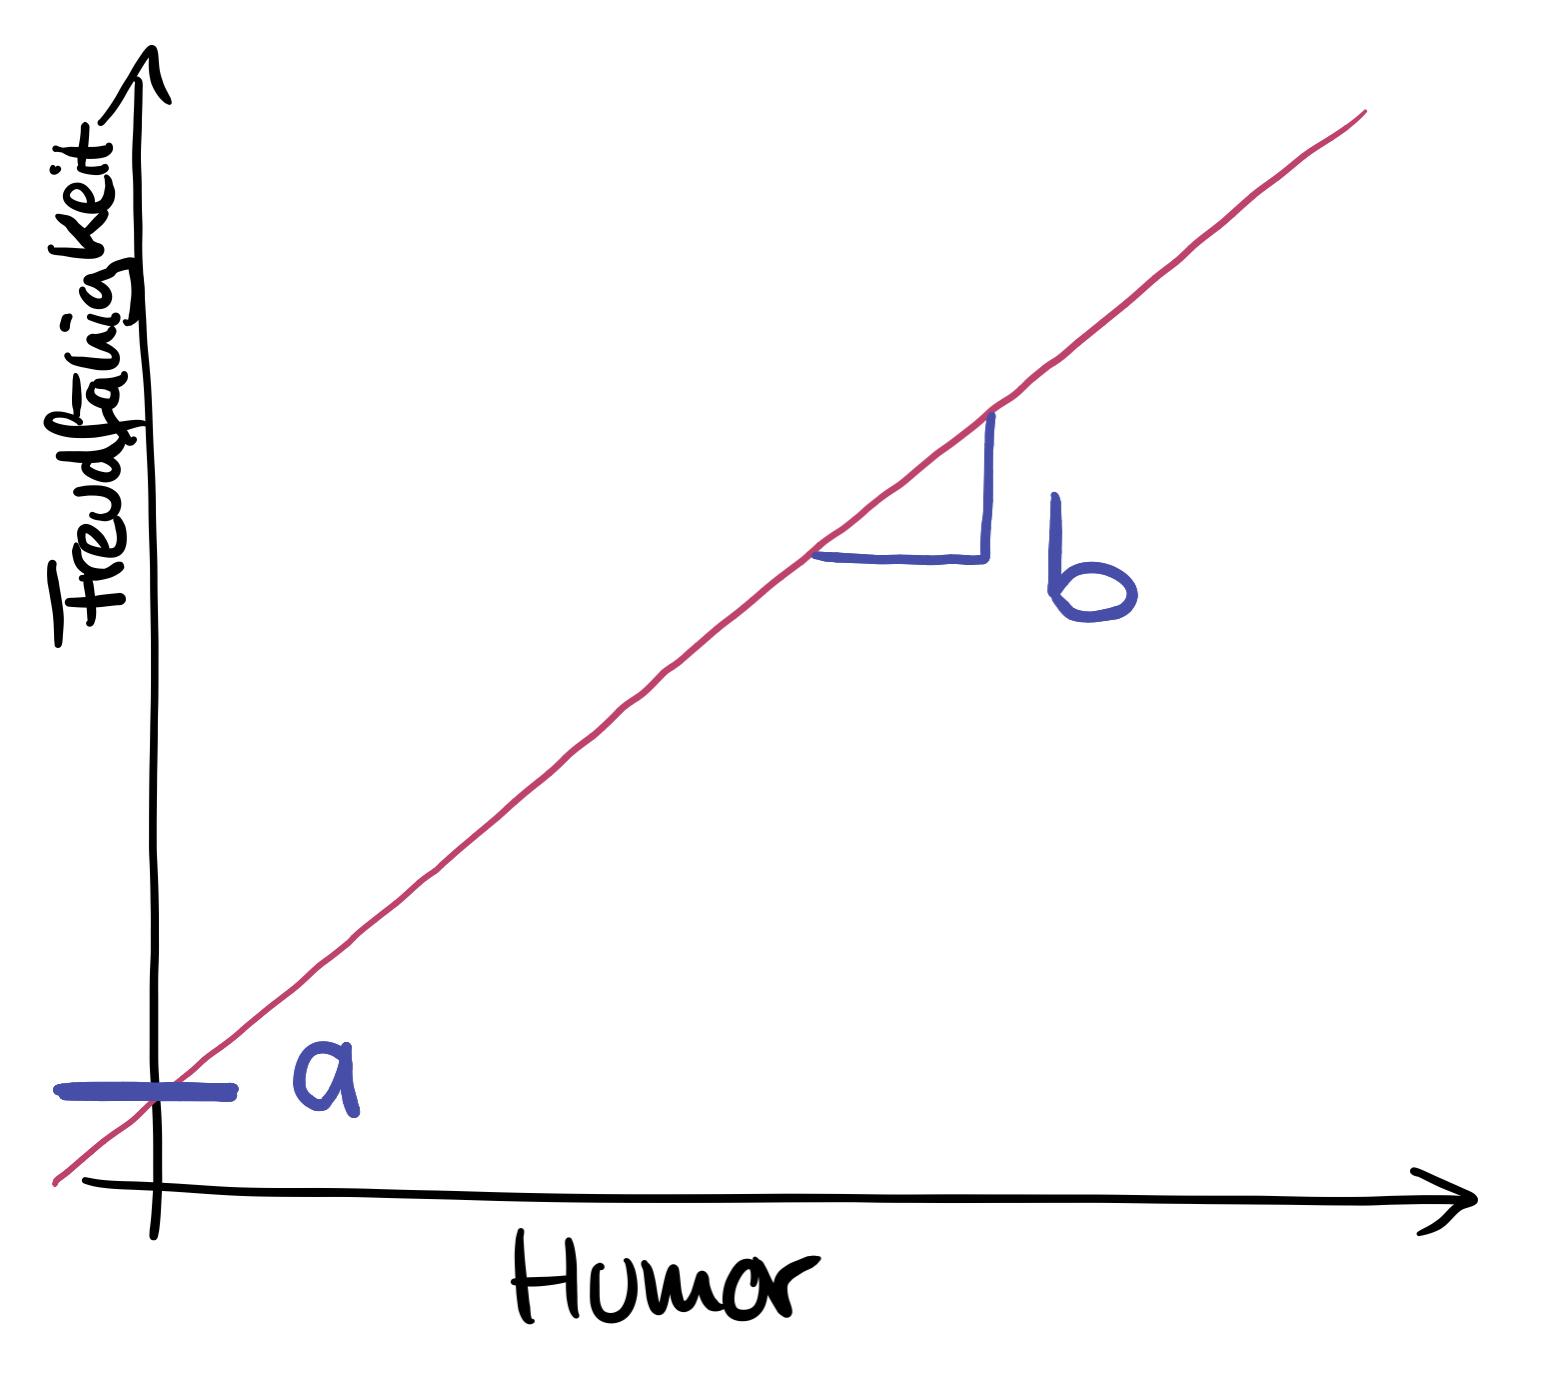 regressionskoeffizienten